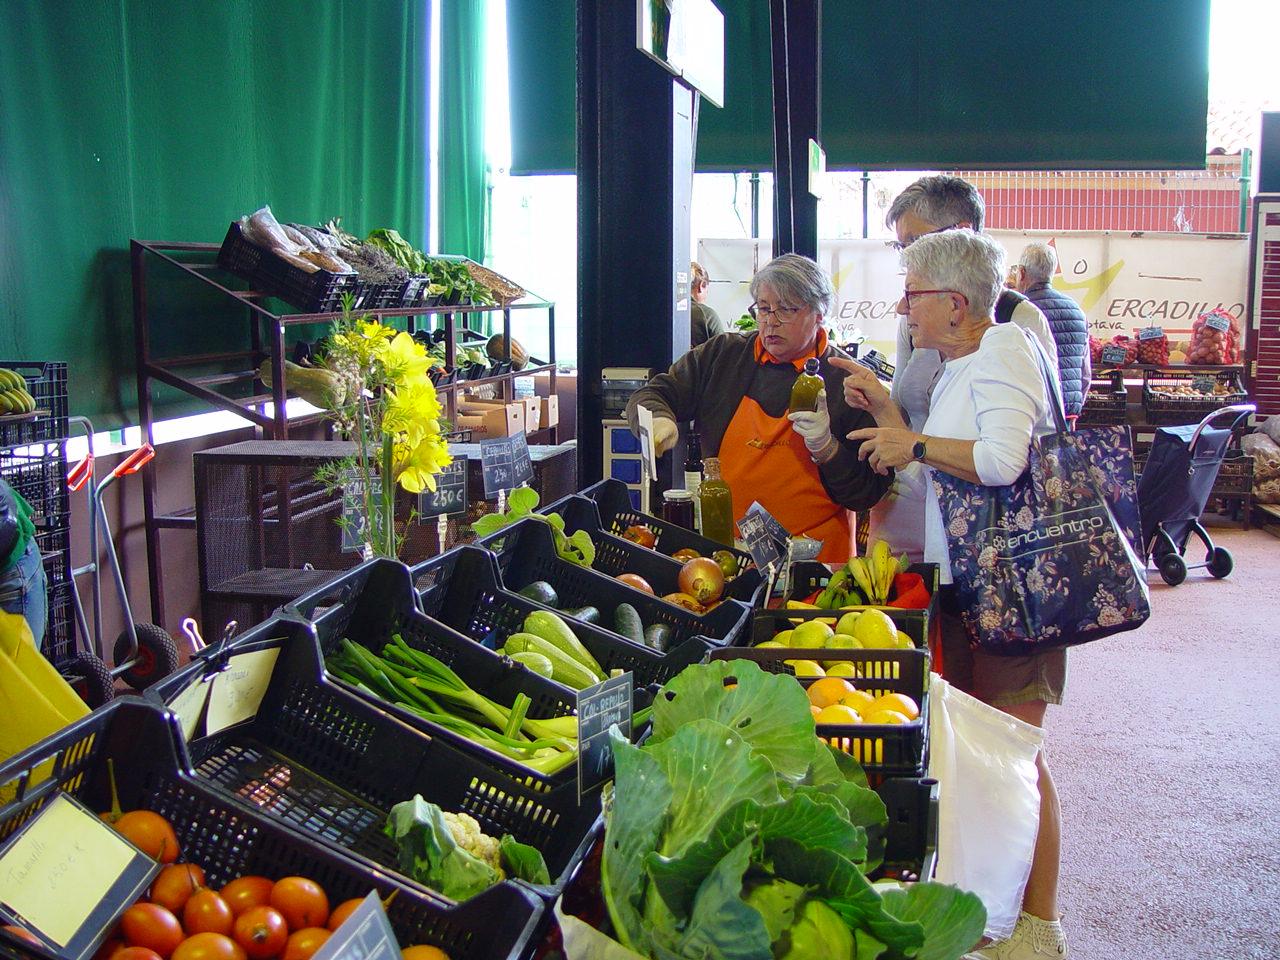 Eco La Viejita aporta más de 12.000 metros cuadrados de cultivo al Mercadillo Valle de La Orotava